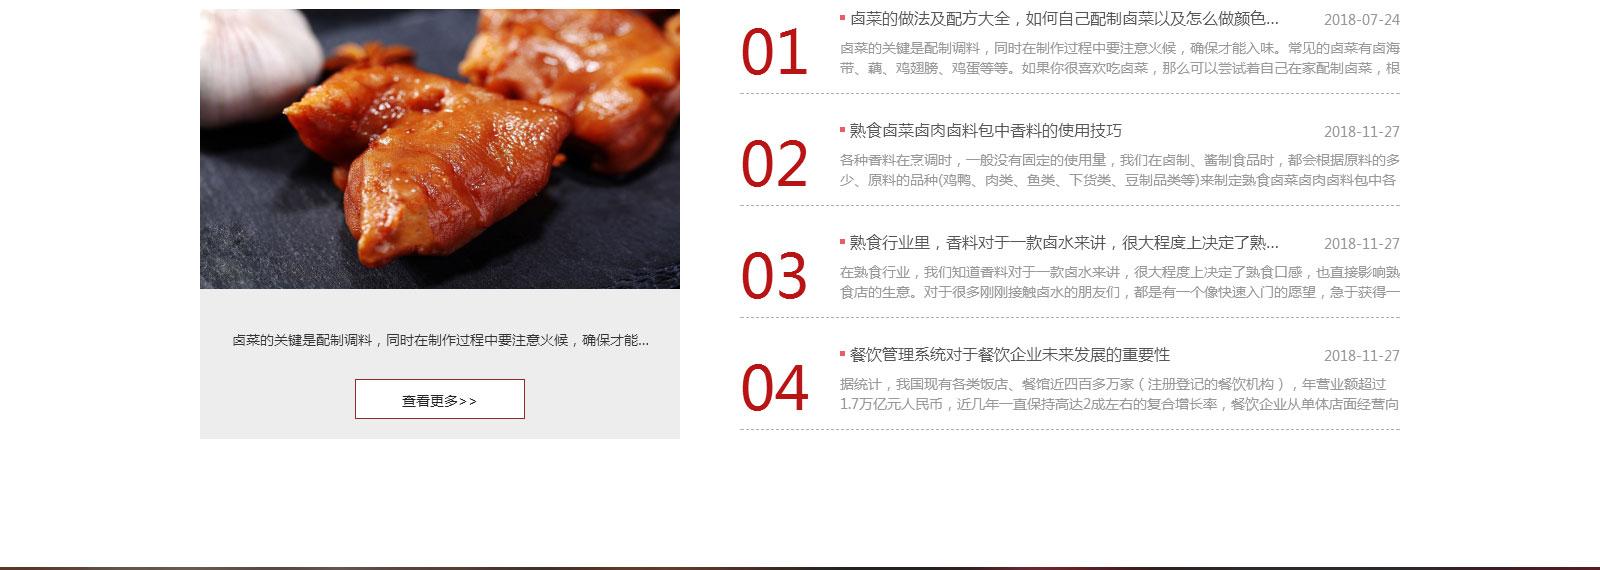 成都铭海餐饮管理有限公司_06.jpg